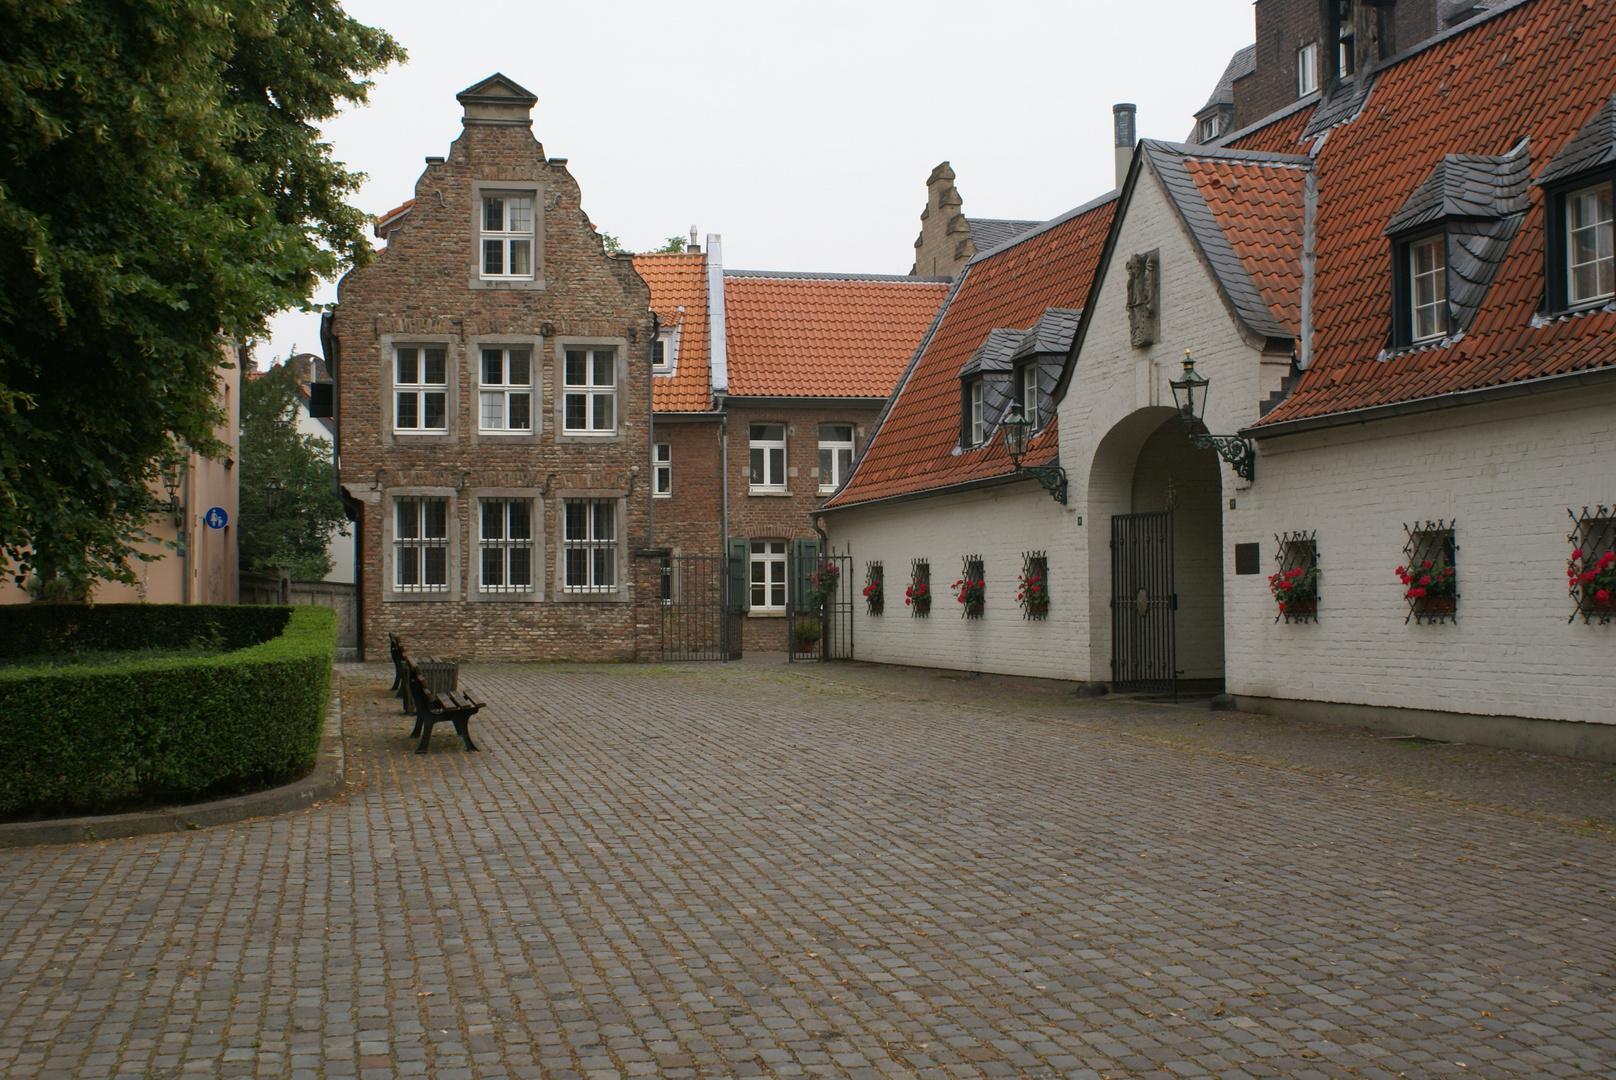 Stiftsplatz in Kaiserswerth